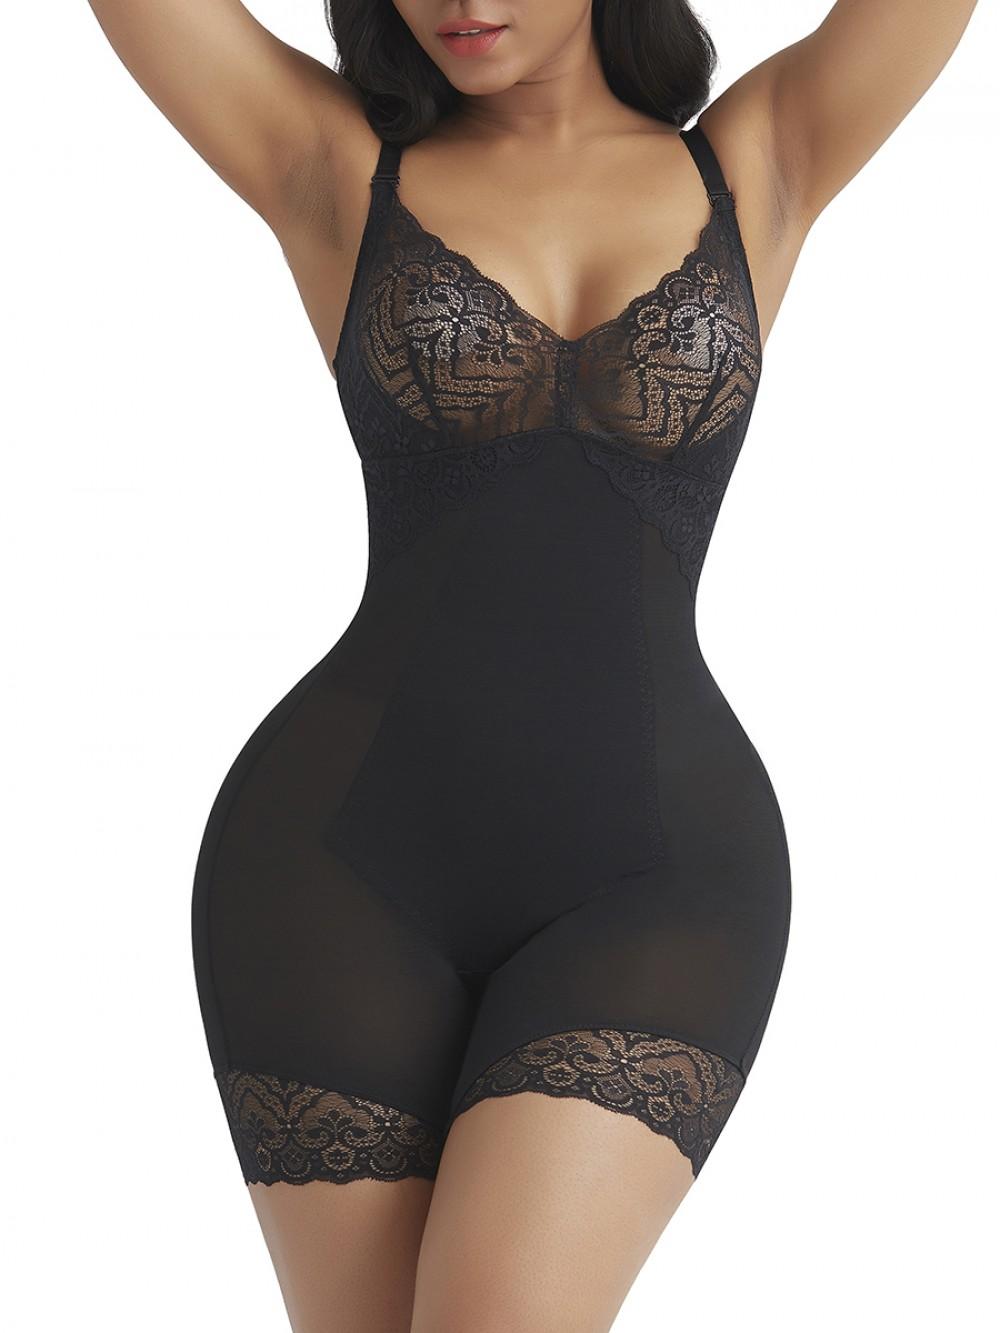 Snug Black Shapewear Tummy Control Removable Straps Best Tummy